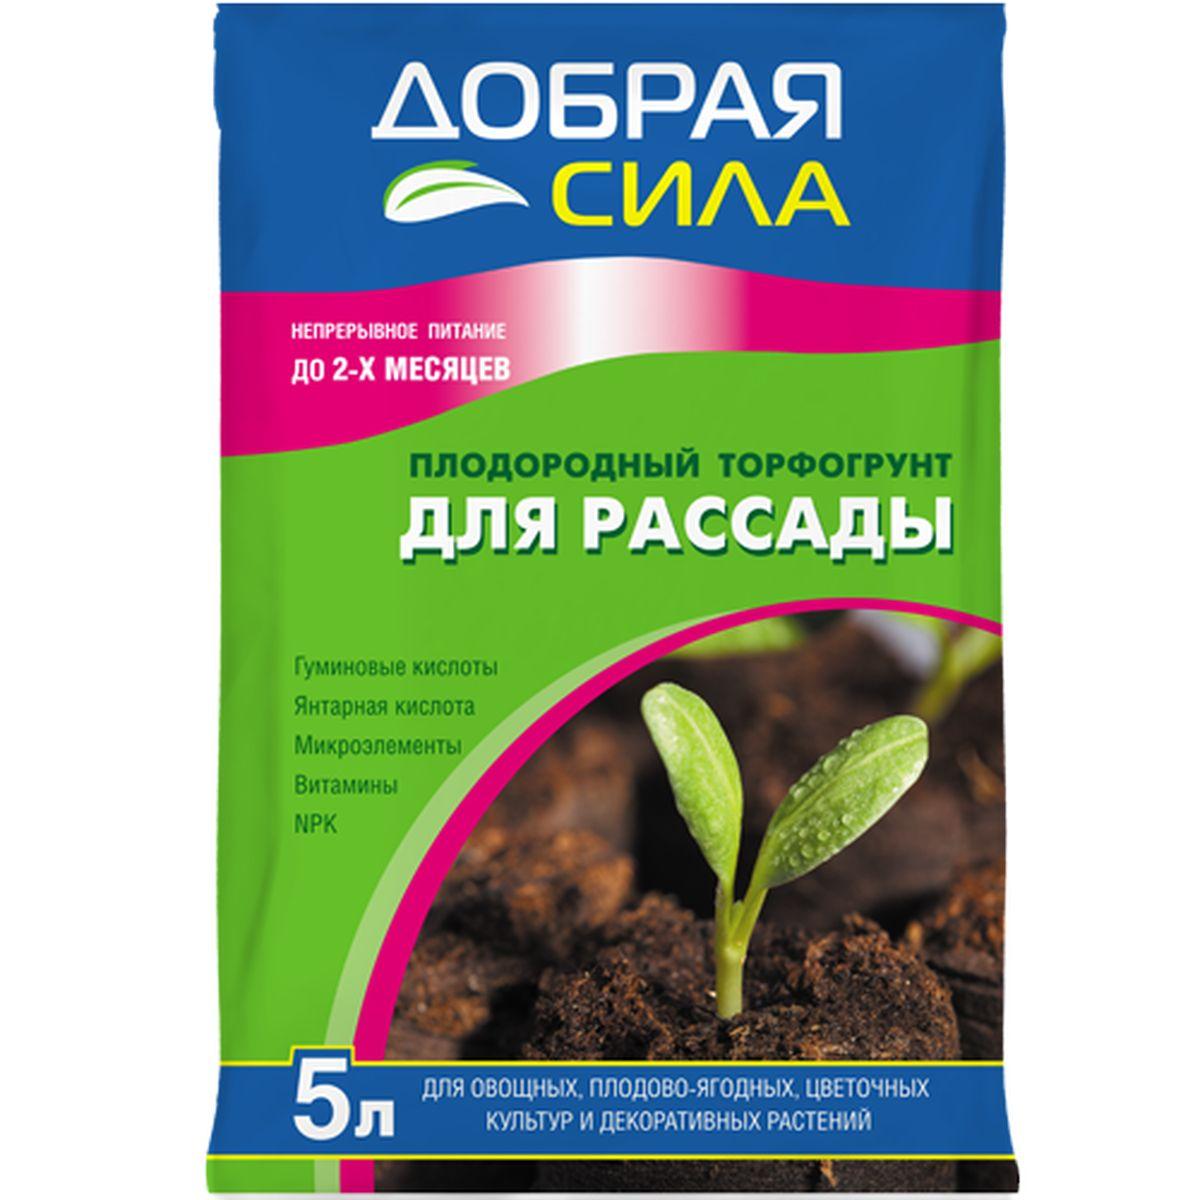 Почвенный грунт на основе торфа Добрая Сила, для рассады, 5 лGCSP-11-90Почвенный грунт предназначен для выращивания рассады овощных, плодово-ягодных, цветочных культур и декоративных растений. Может использоваться при посеве и выращивании растений в зимних садах и оранжереях, а также при выращивании растений в теплицах и парниках.